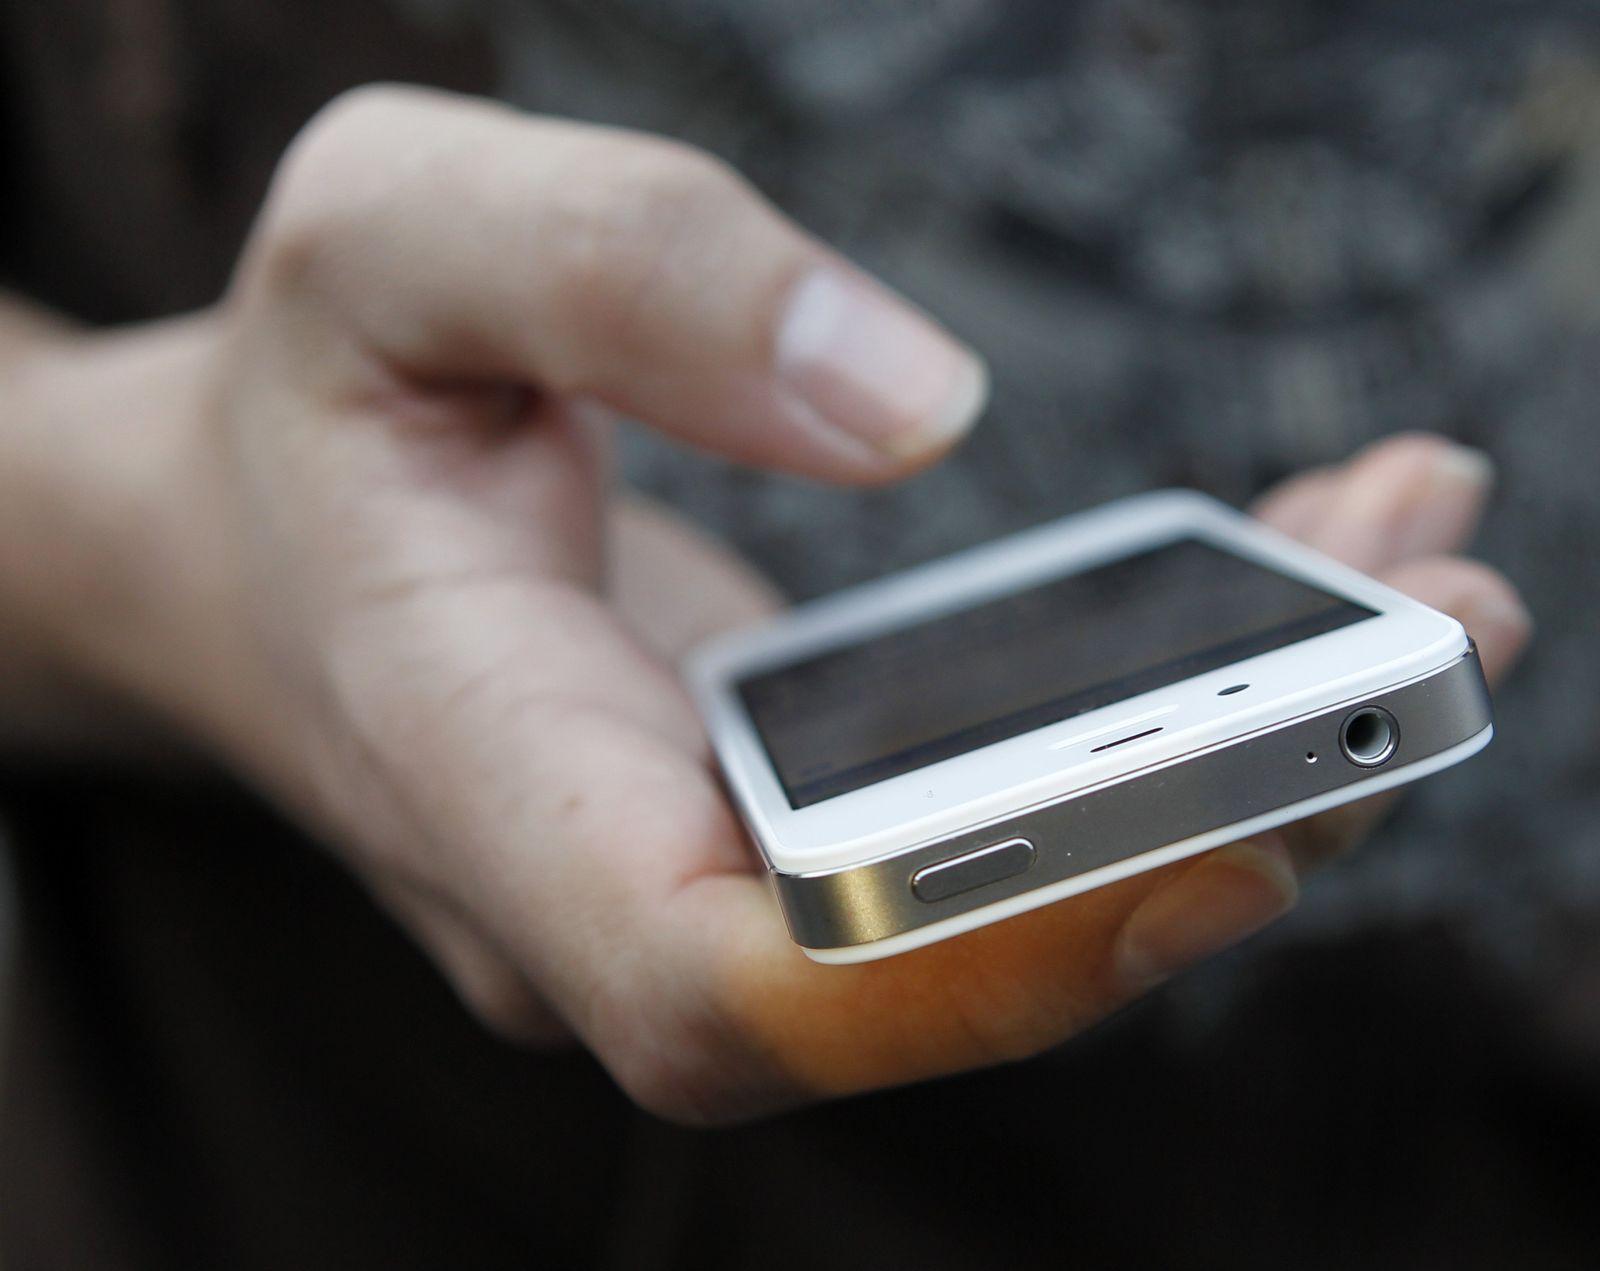 iPhone 4S / Apple